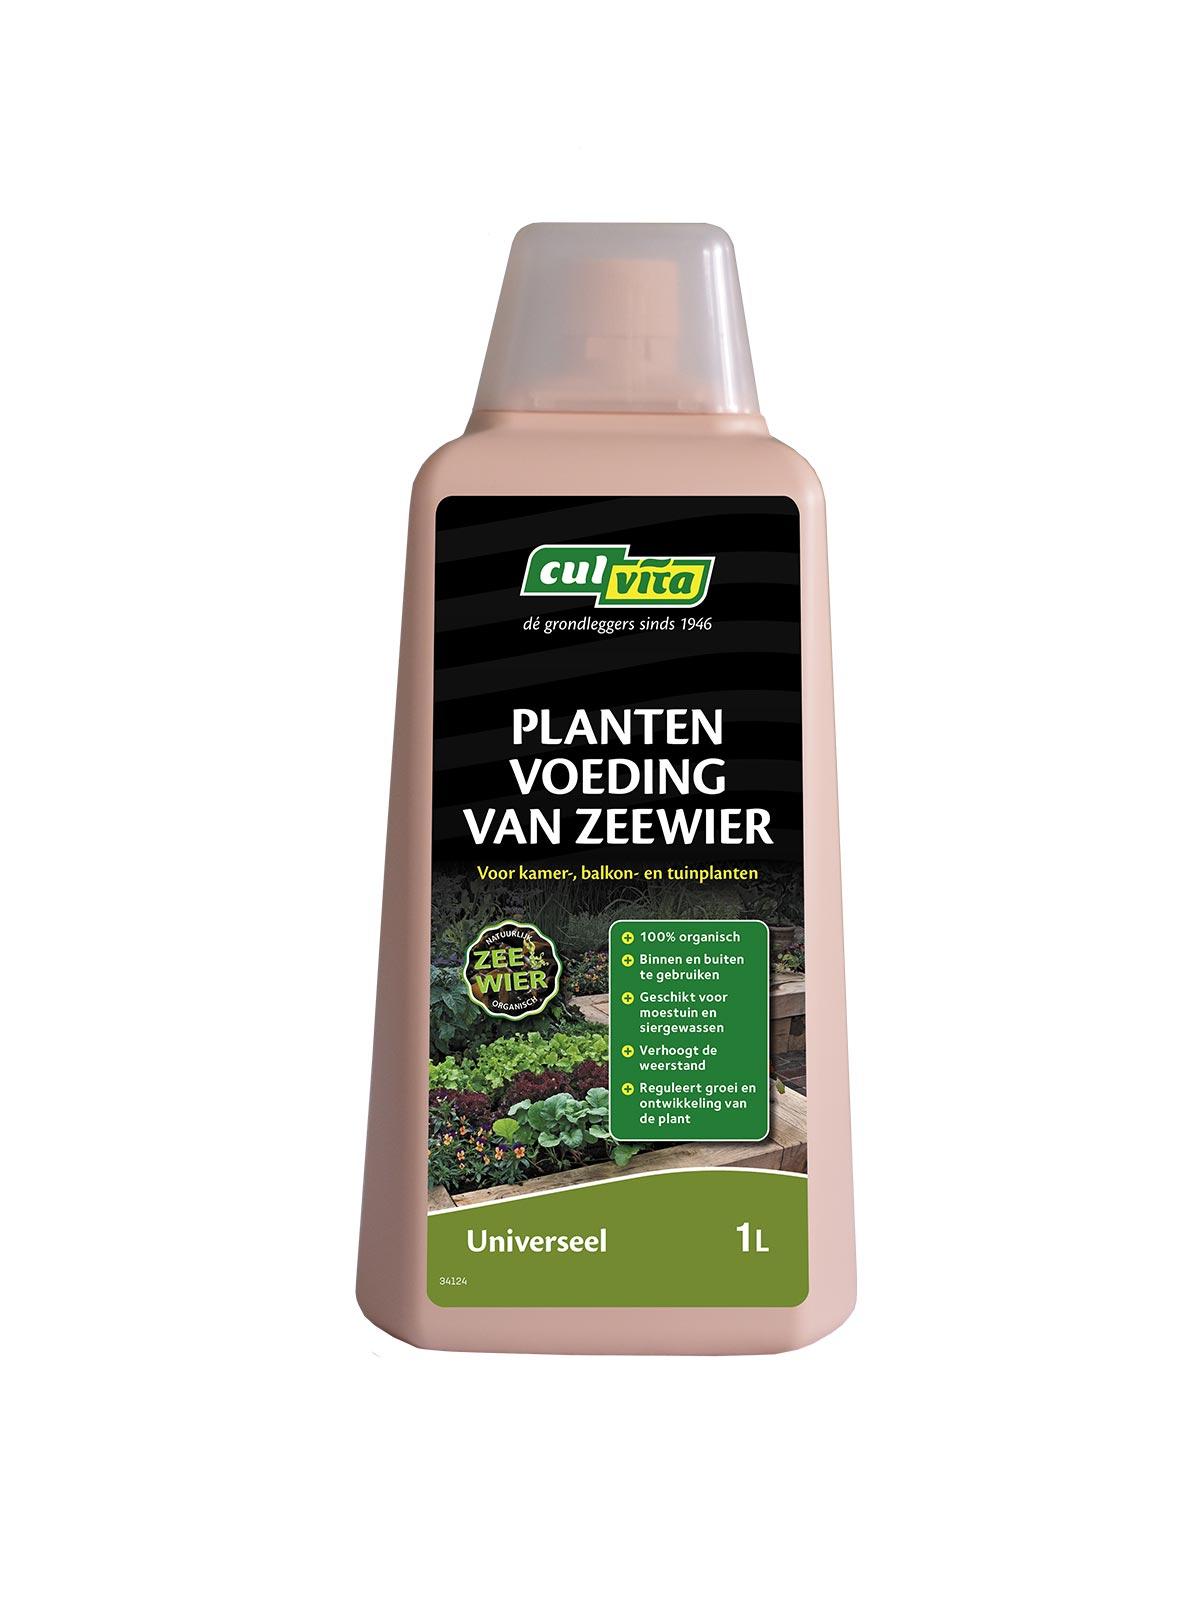 Plantenvoeding Van Zeewier